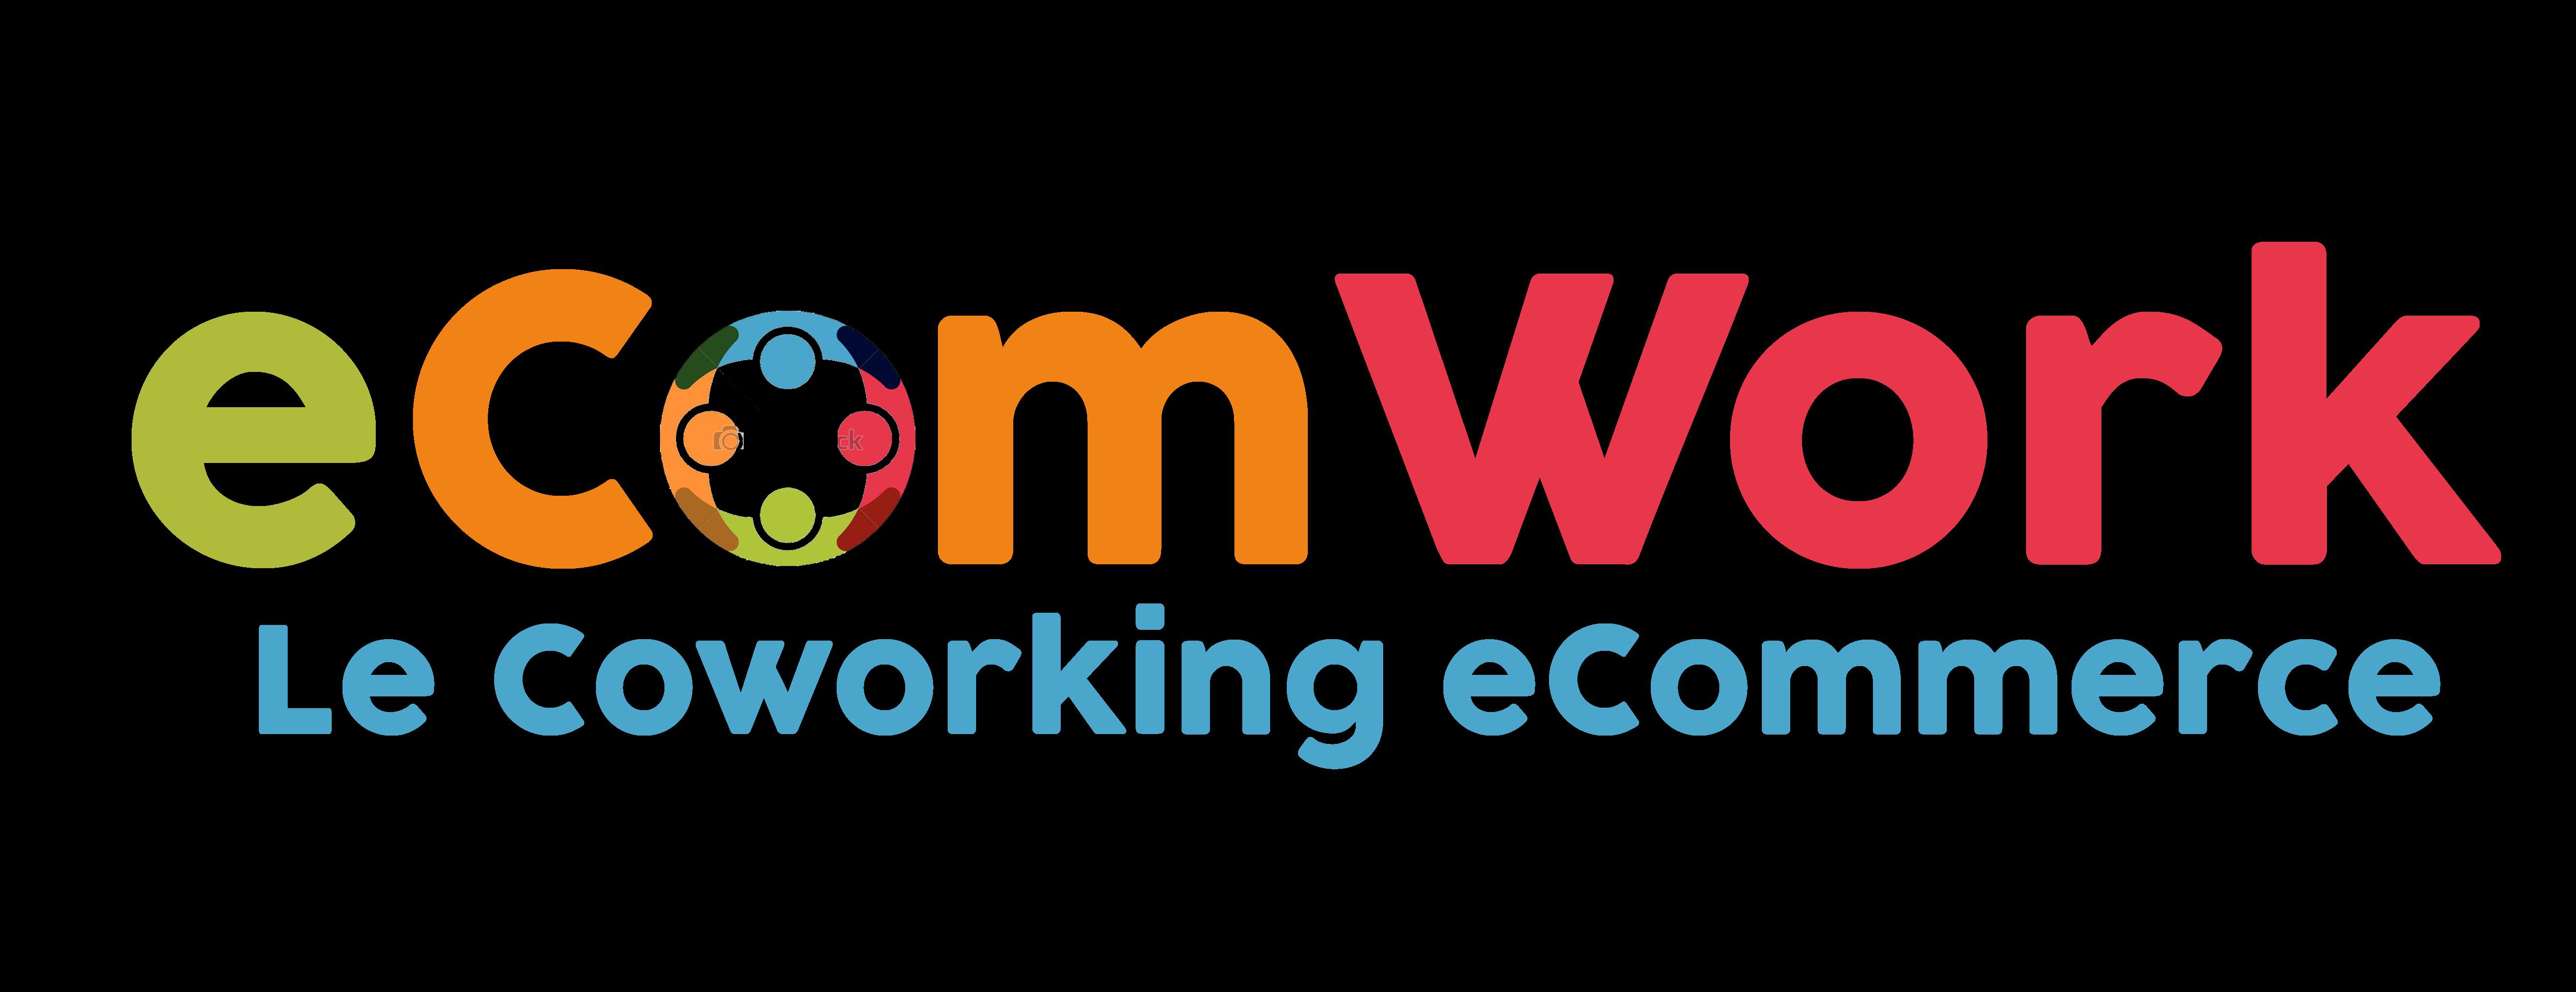 eComWork